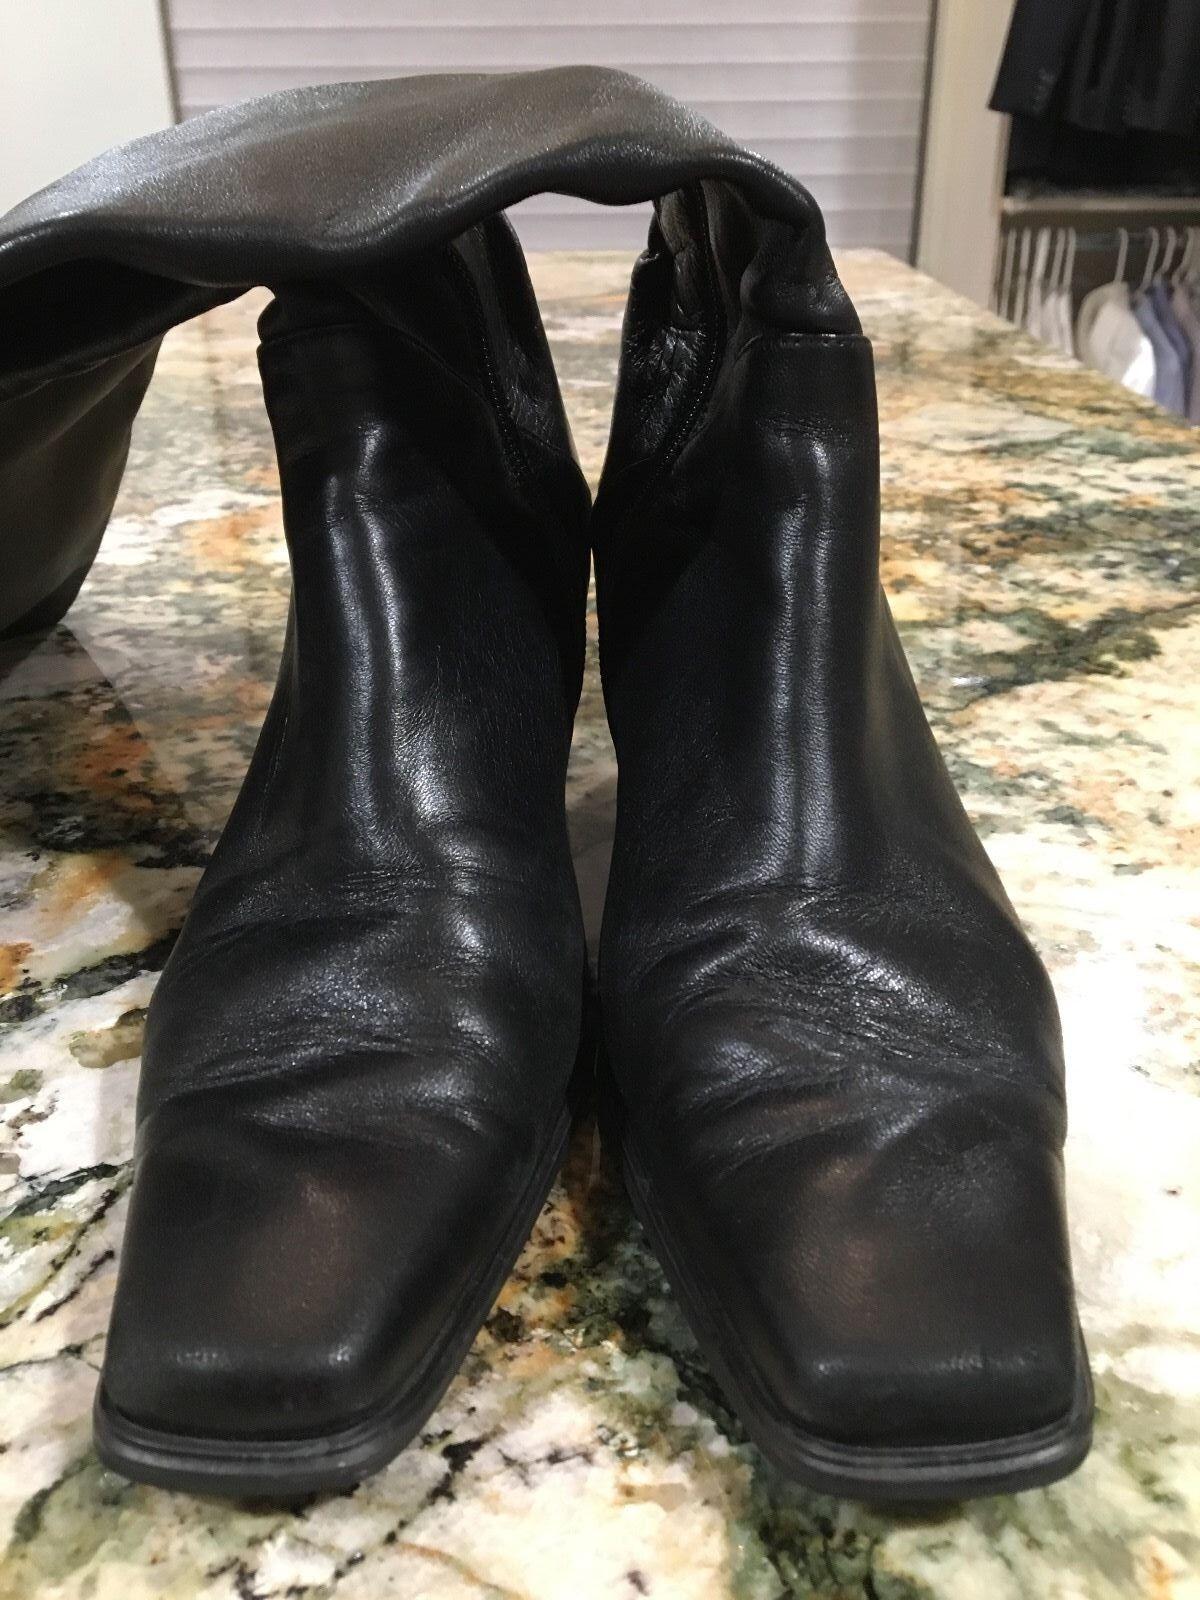 Womens Stuart Weitzman tall black leather zipper zipper zipper boots 8 1 2 4002ad